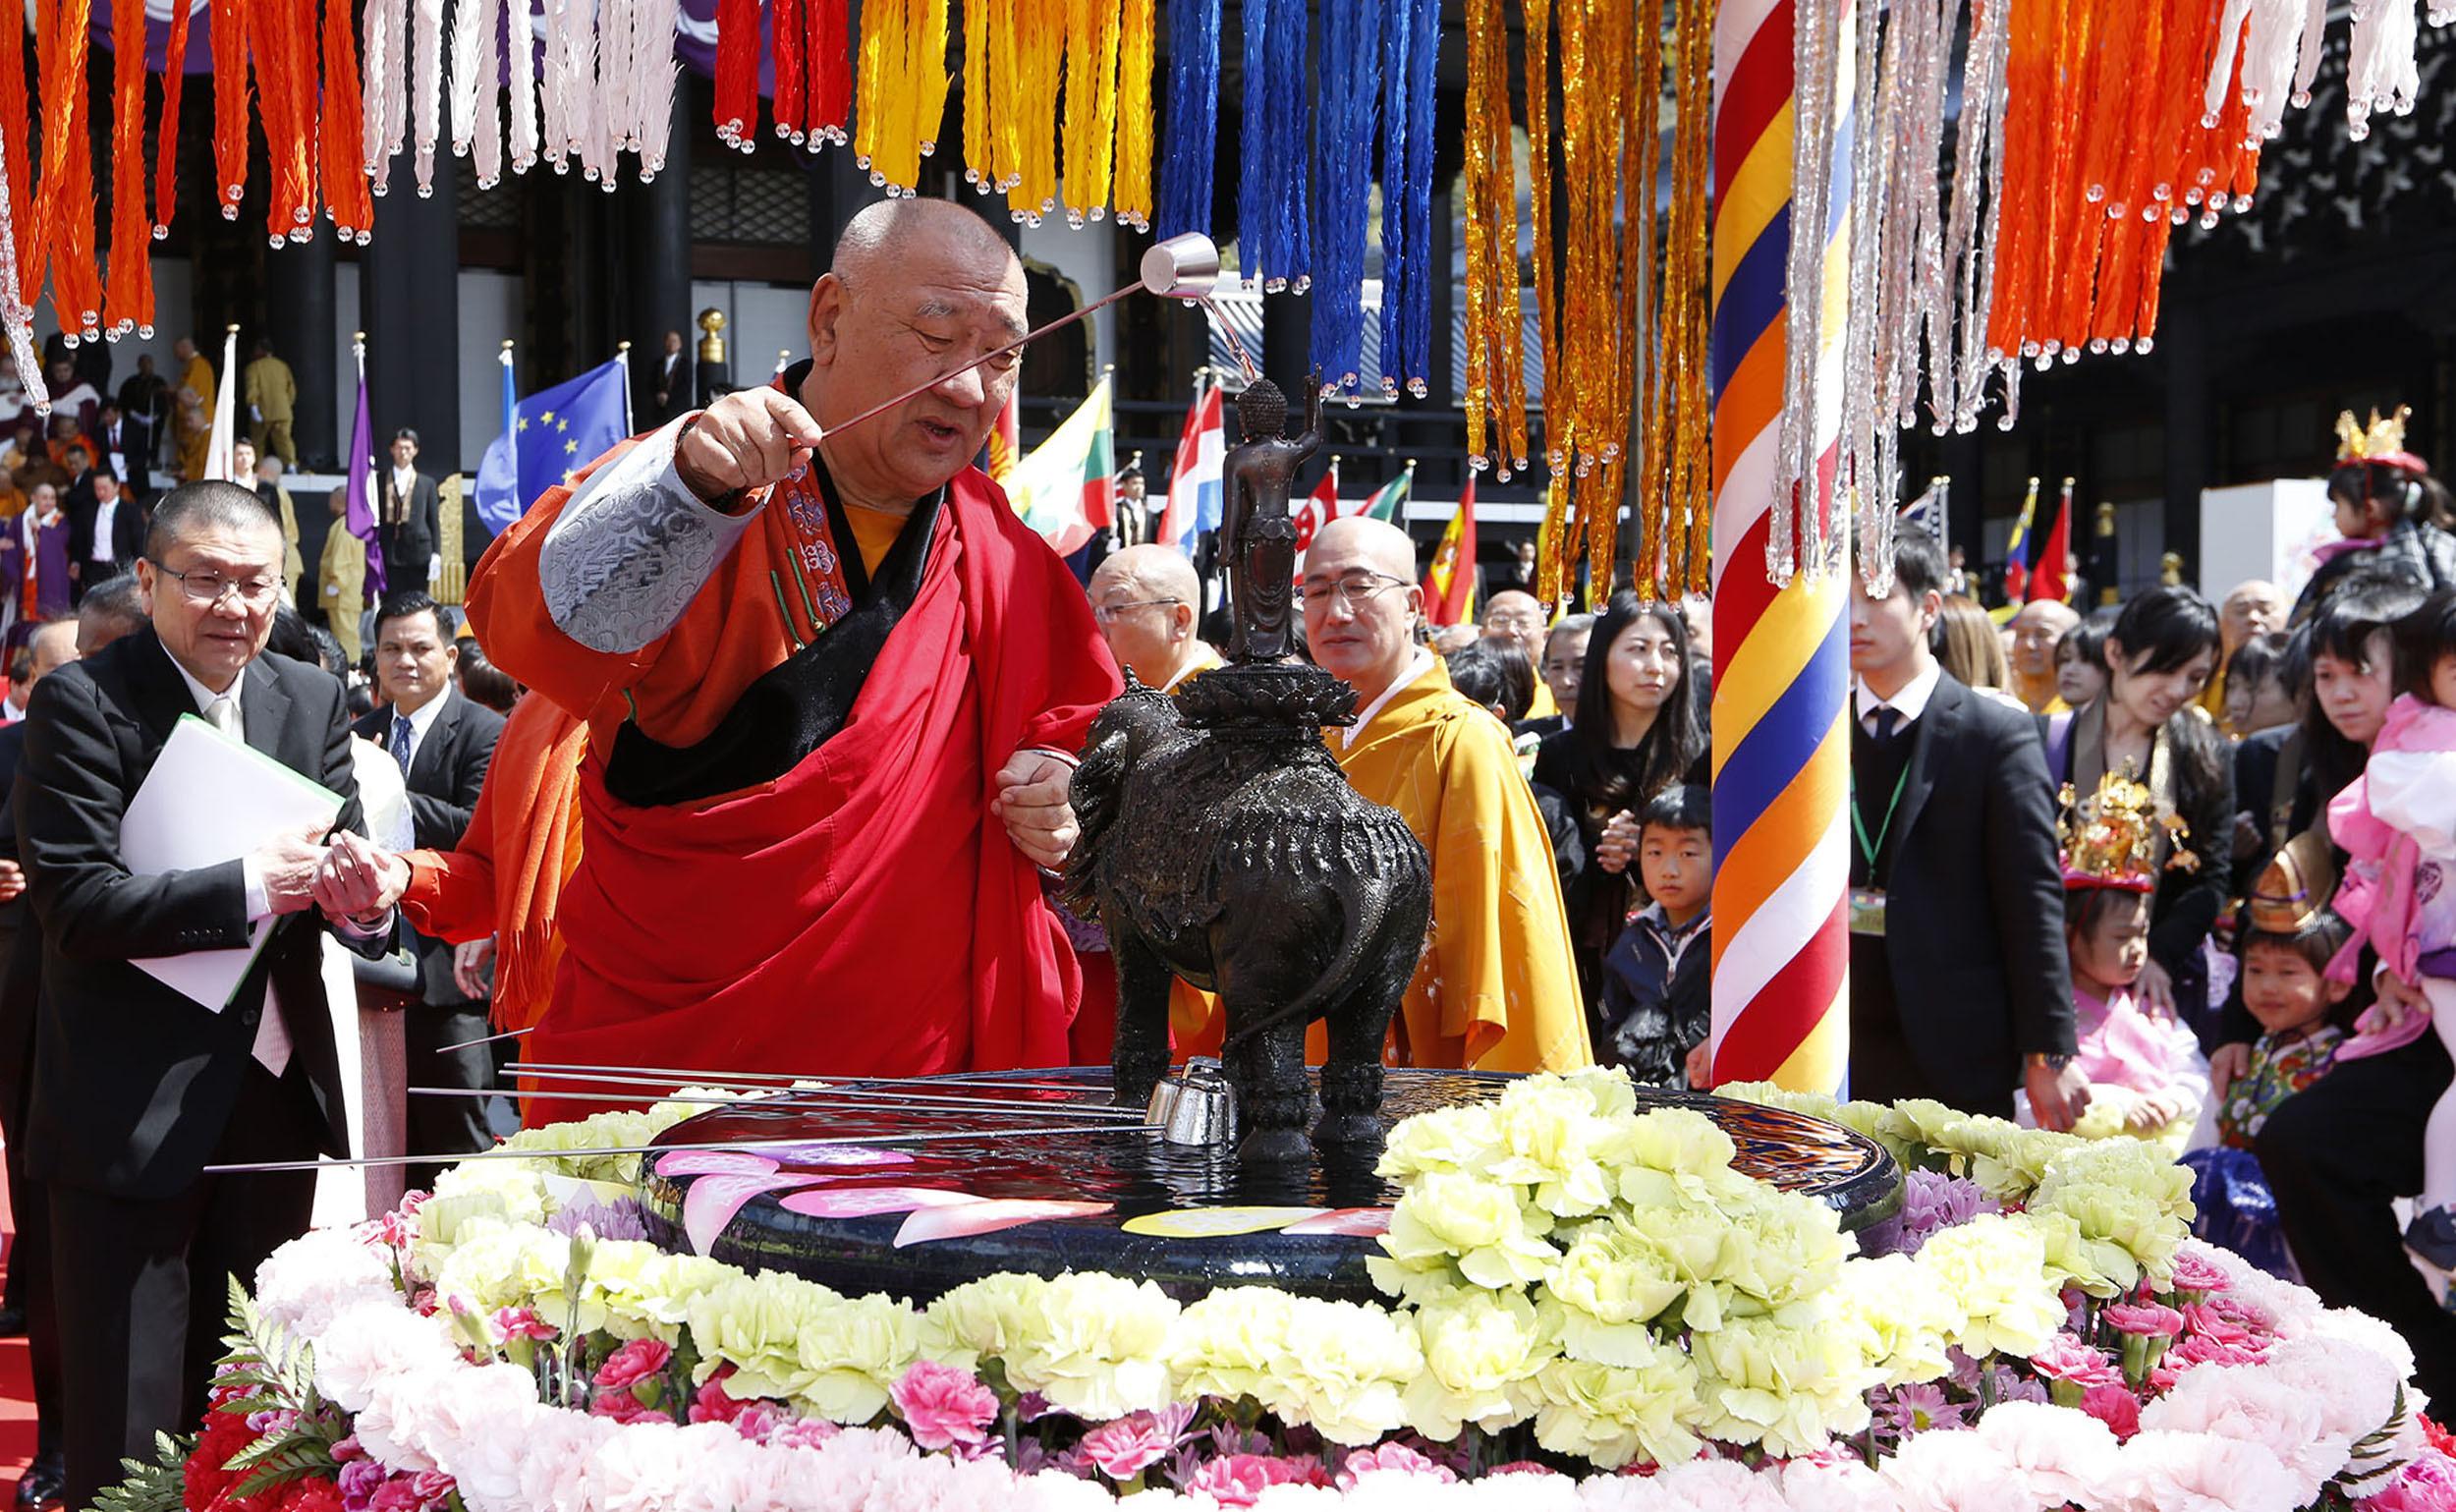 モンゴル佛教サミット会長 モンゴル法王猊下御一行 御参詣